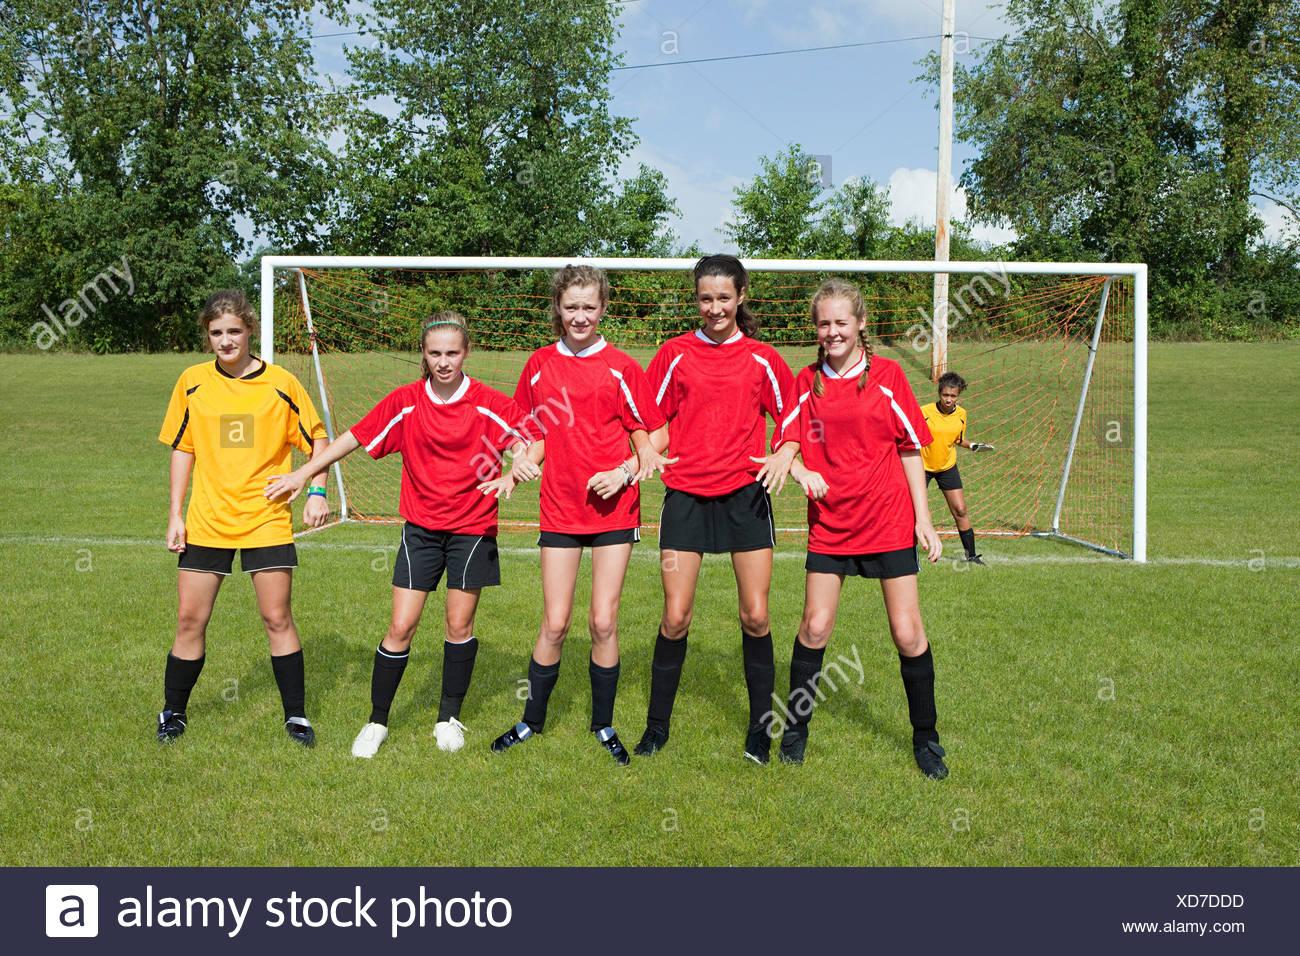 Girl soccer players make defensive wall - Stock Image